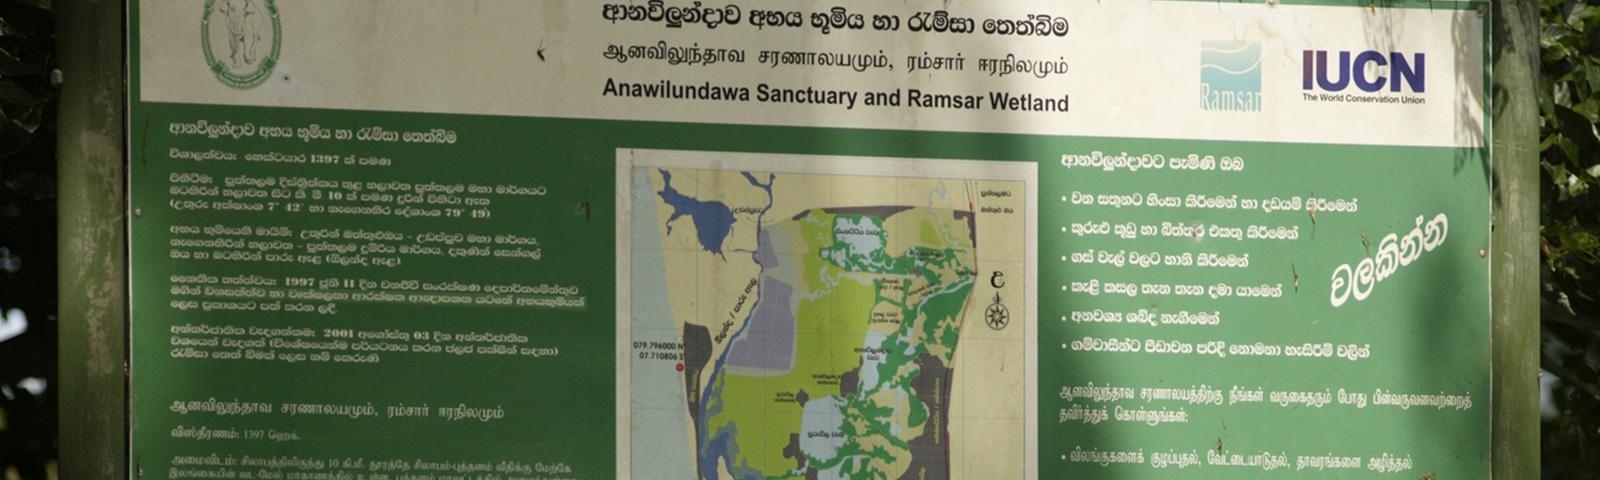 Anawilundawa Sanctuary, Sri Lanka